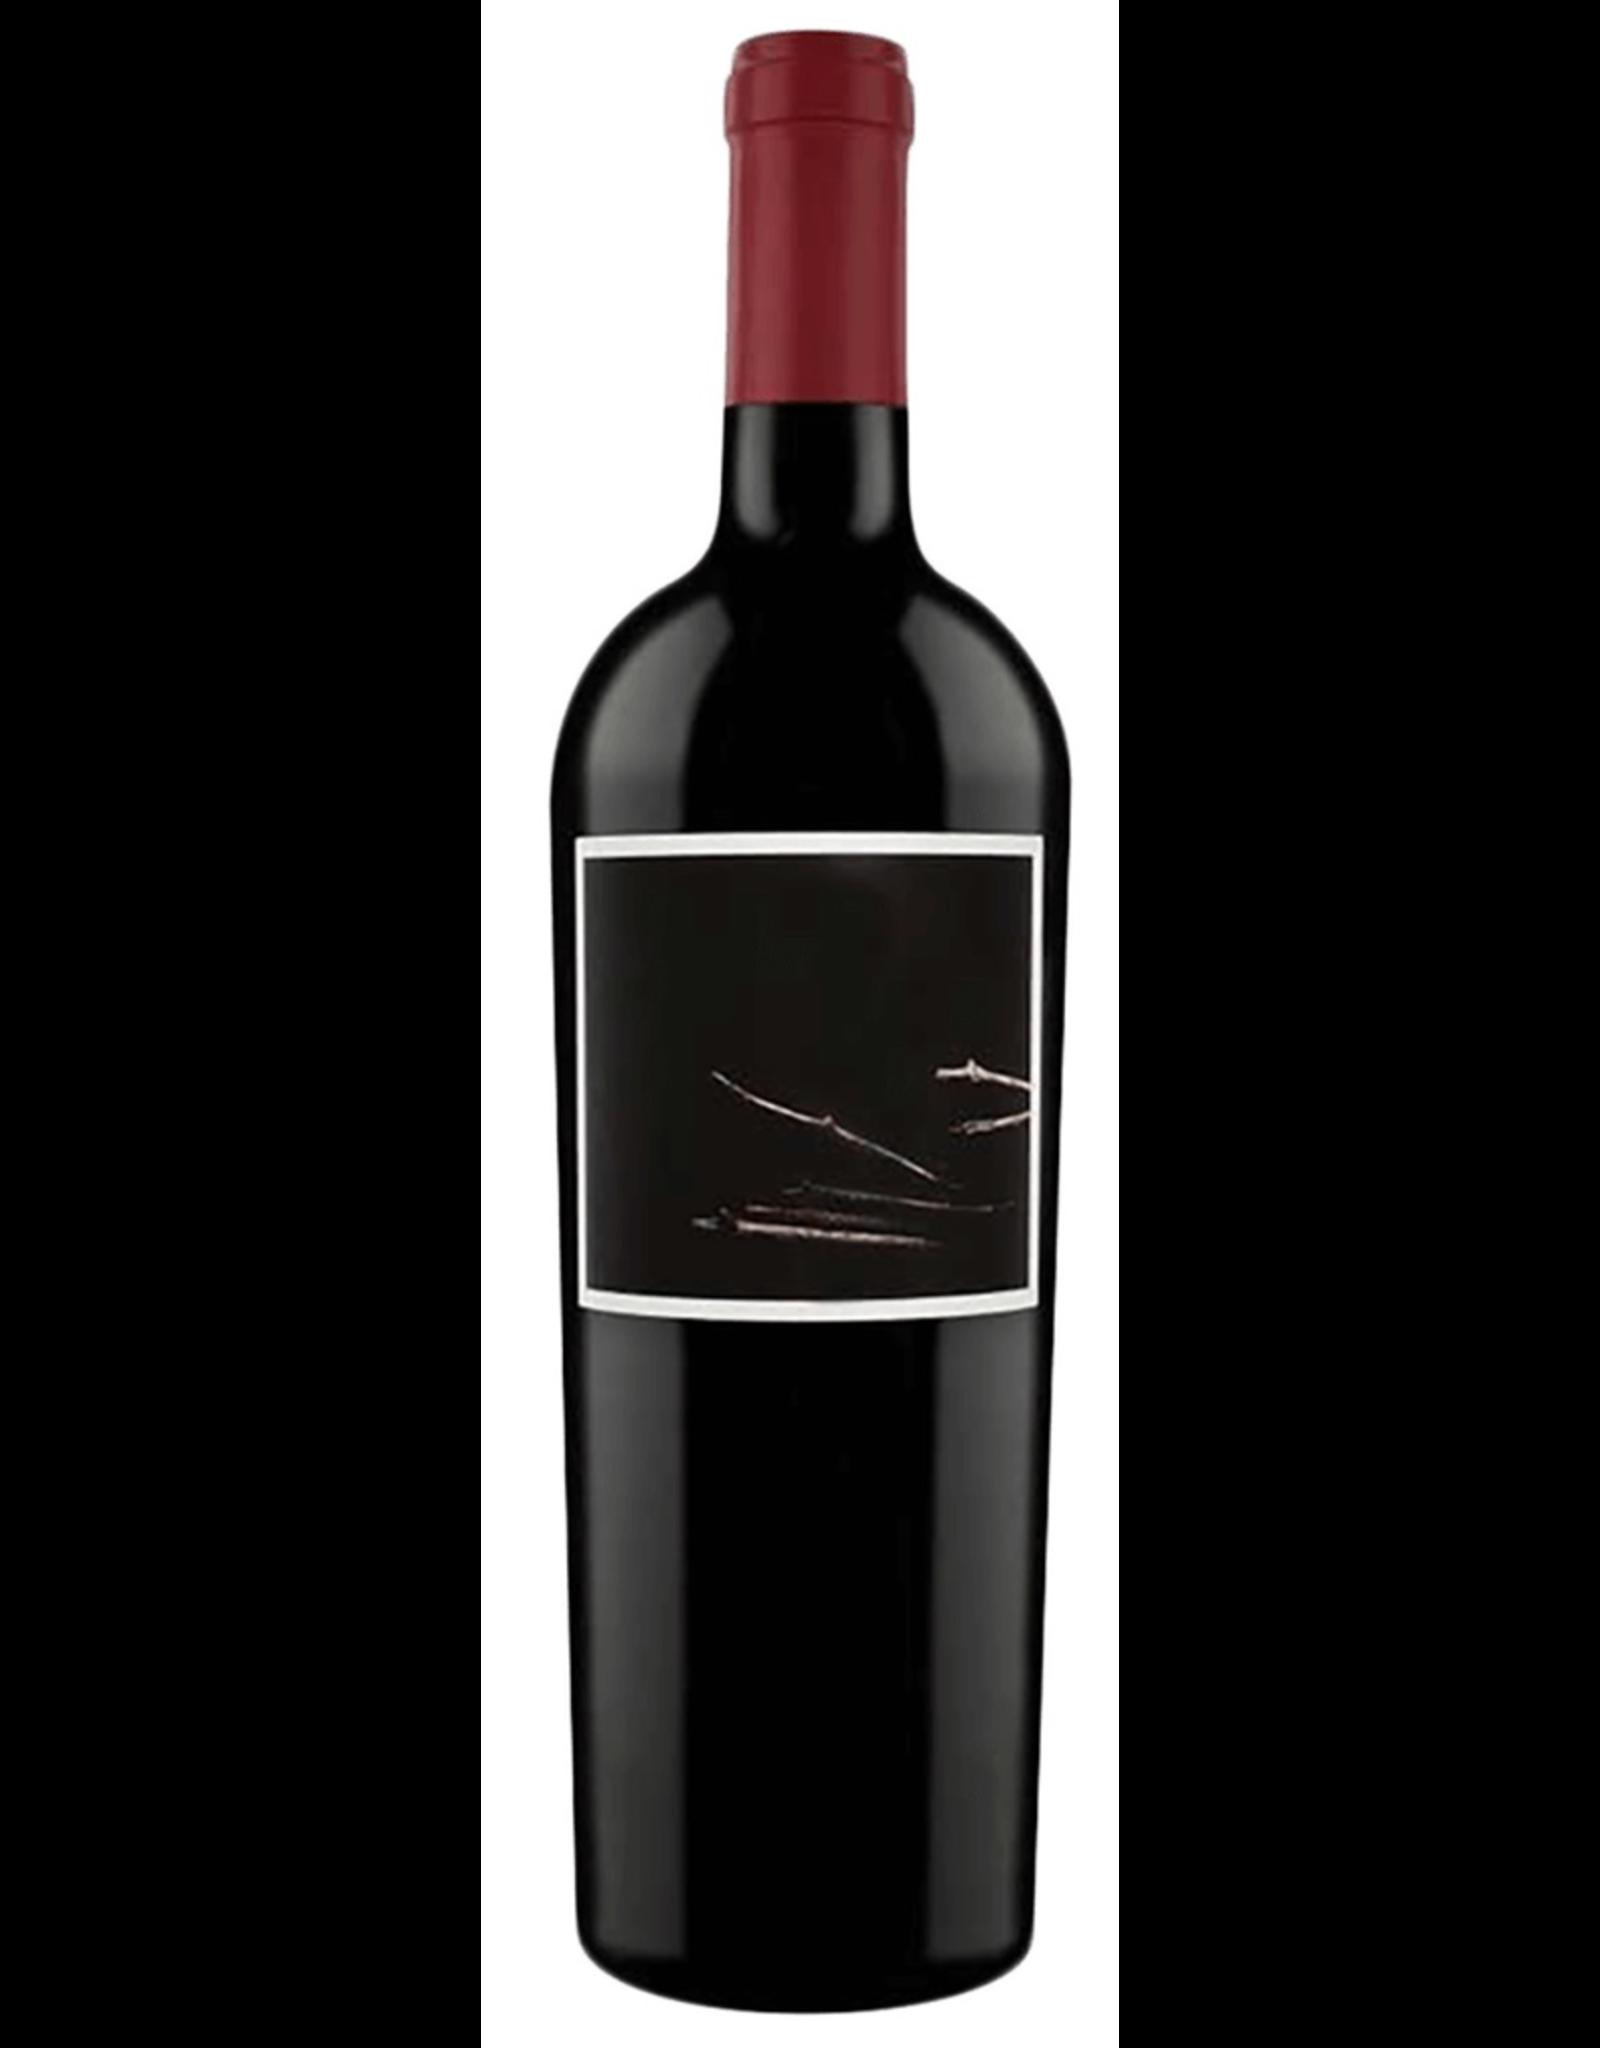 Red Wine 2018, Cuttings by The Prisoner Wine Company, Cabernet Sauvignon, Multi AVA, Napa Valley, California, 15.4% Alc, CT 92.5